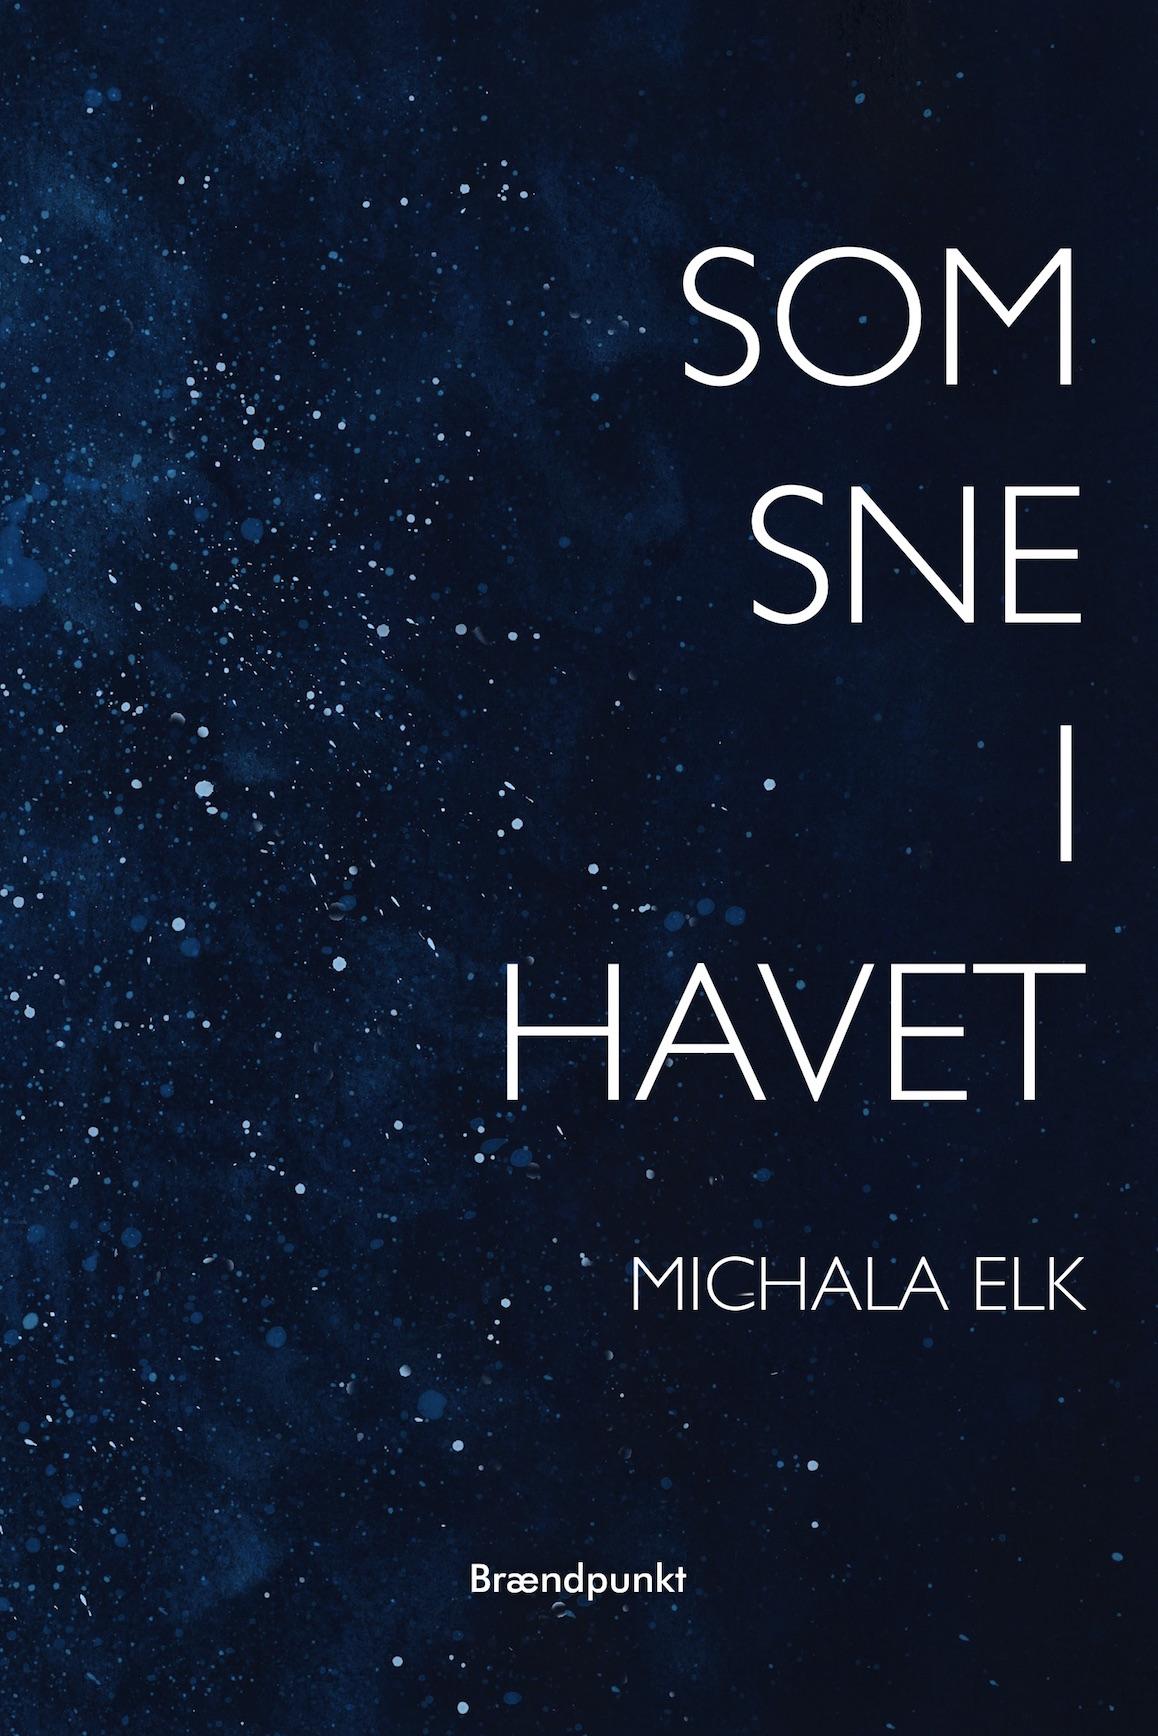 Som sne i havet - Michala Elk - Bøger - Brændpunkt - 9788793835511 - 12/6-2020